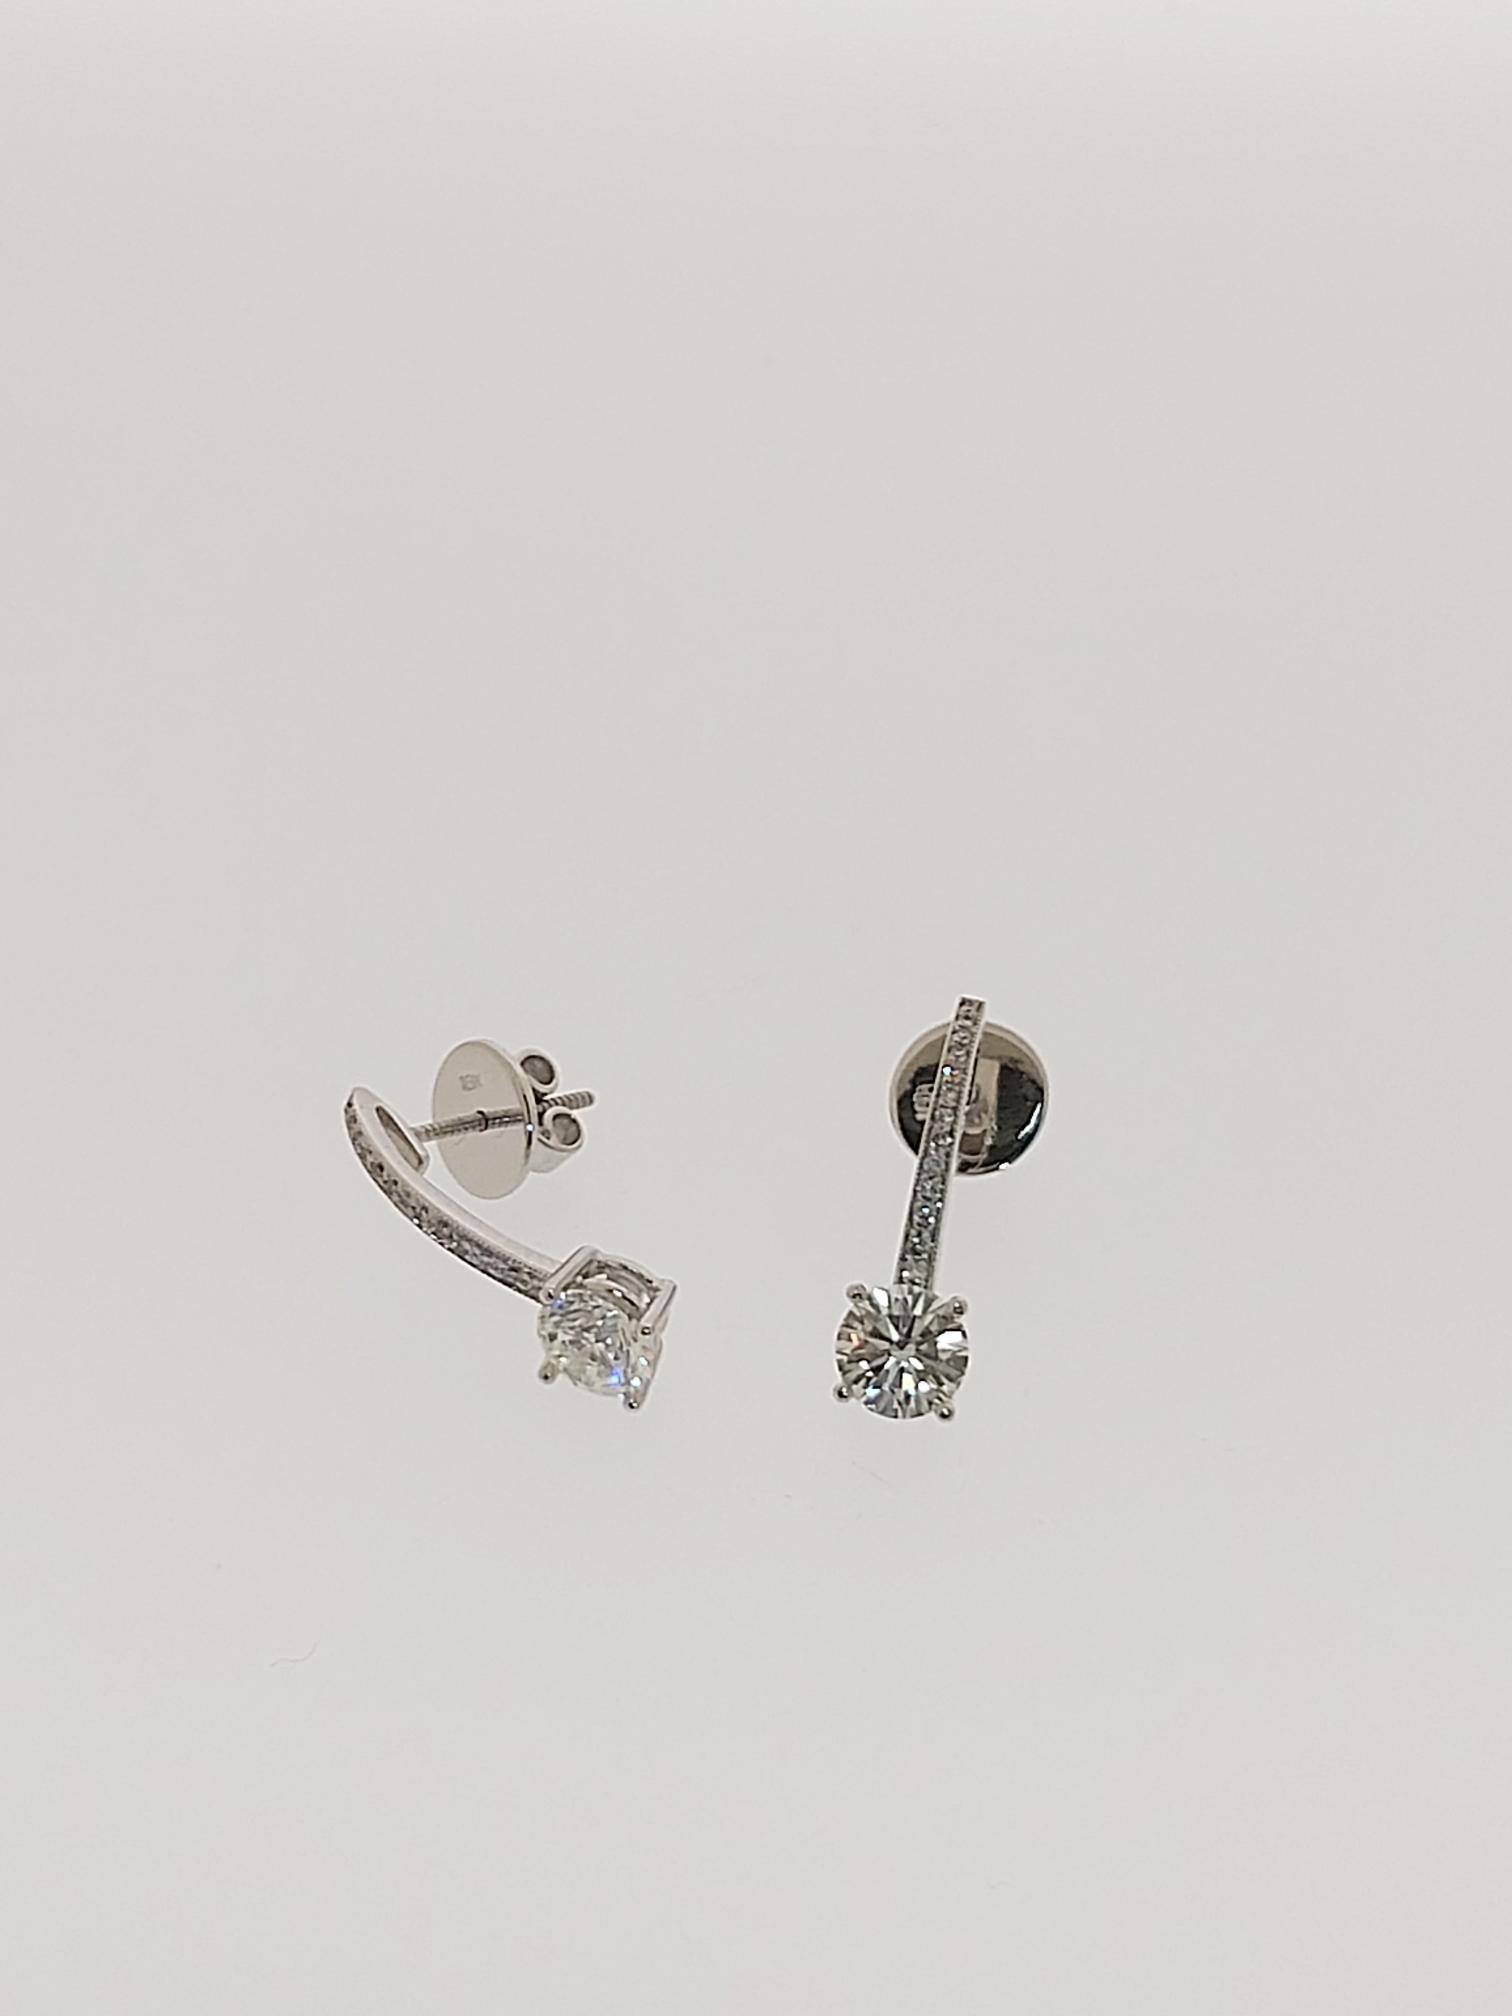 【益成當舖】流當品 1.01ct 一克拉鑽石耳釘耳環